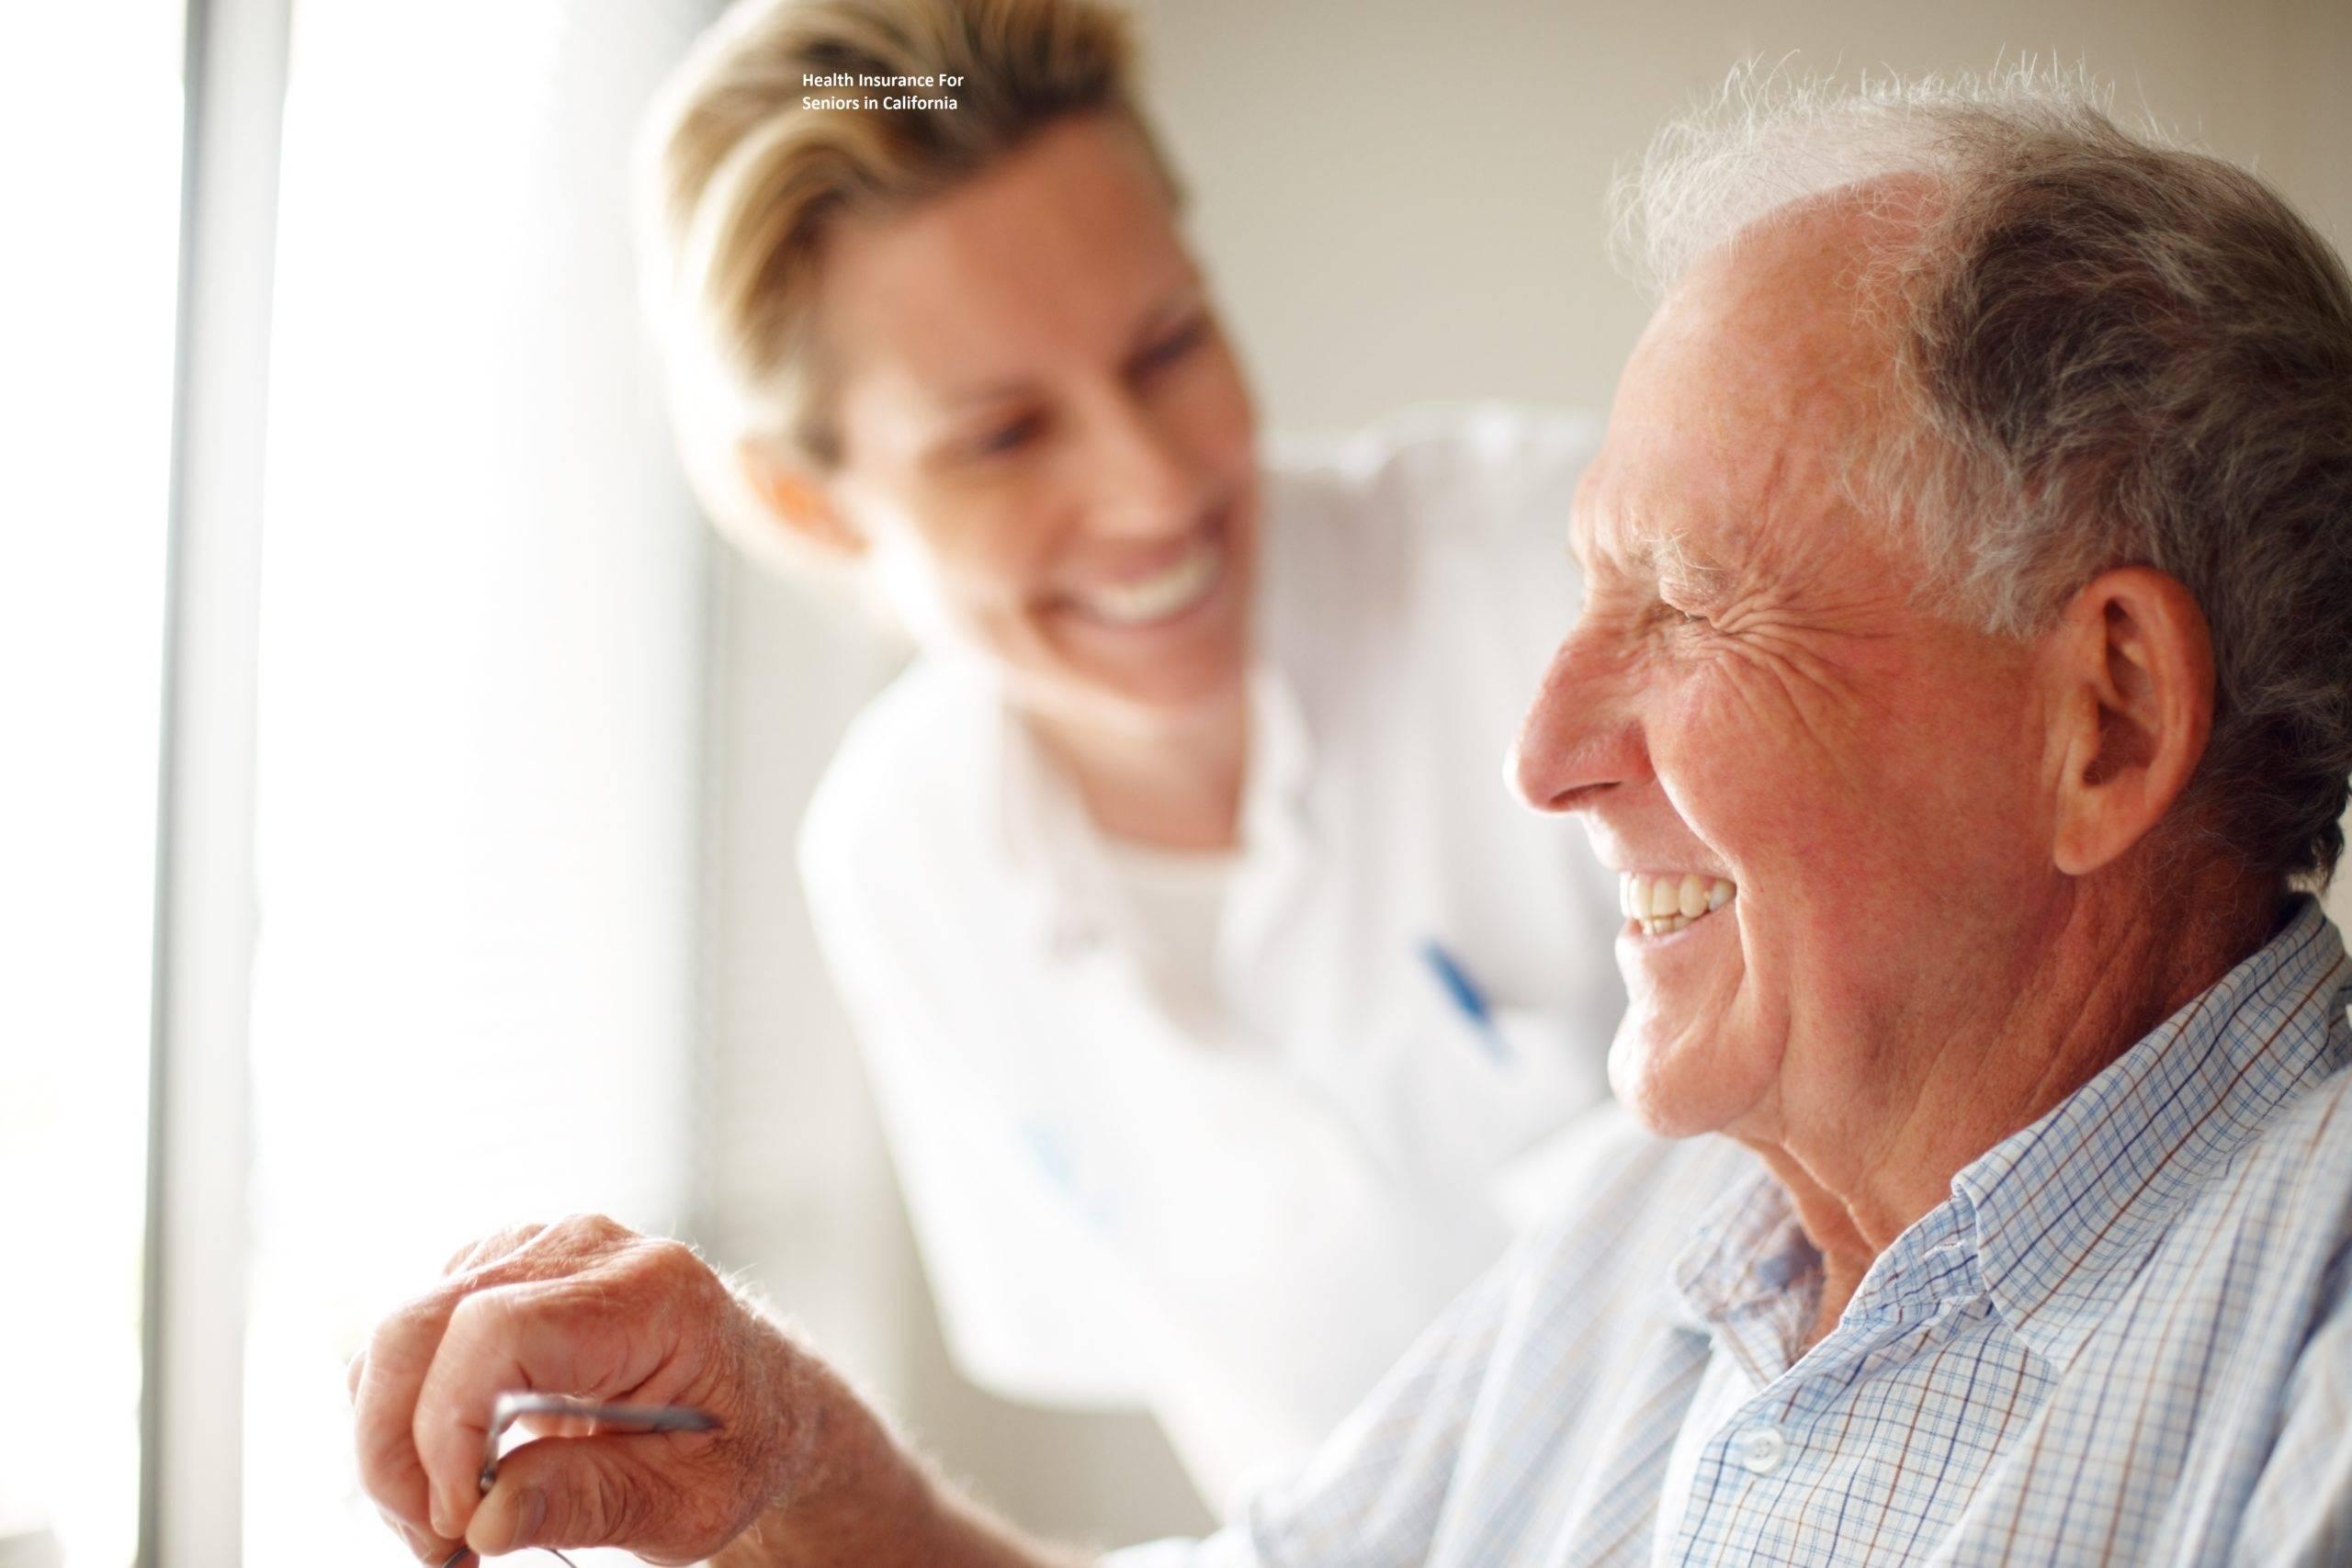 Health Insurance For Seniors in California